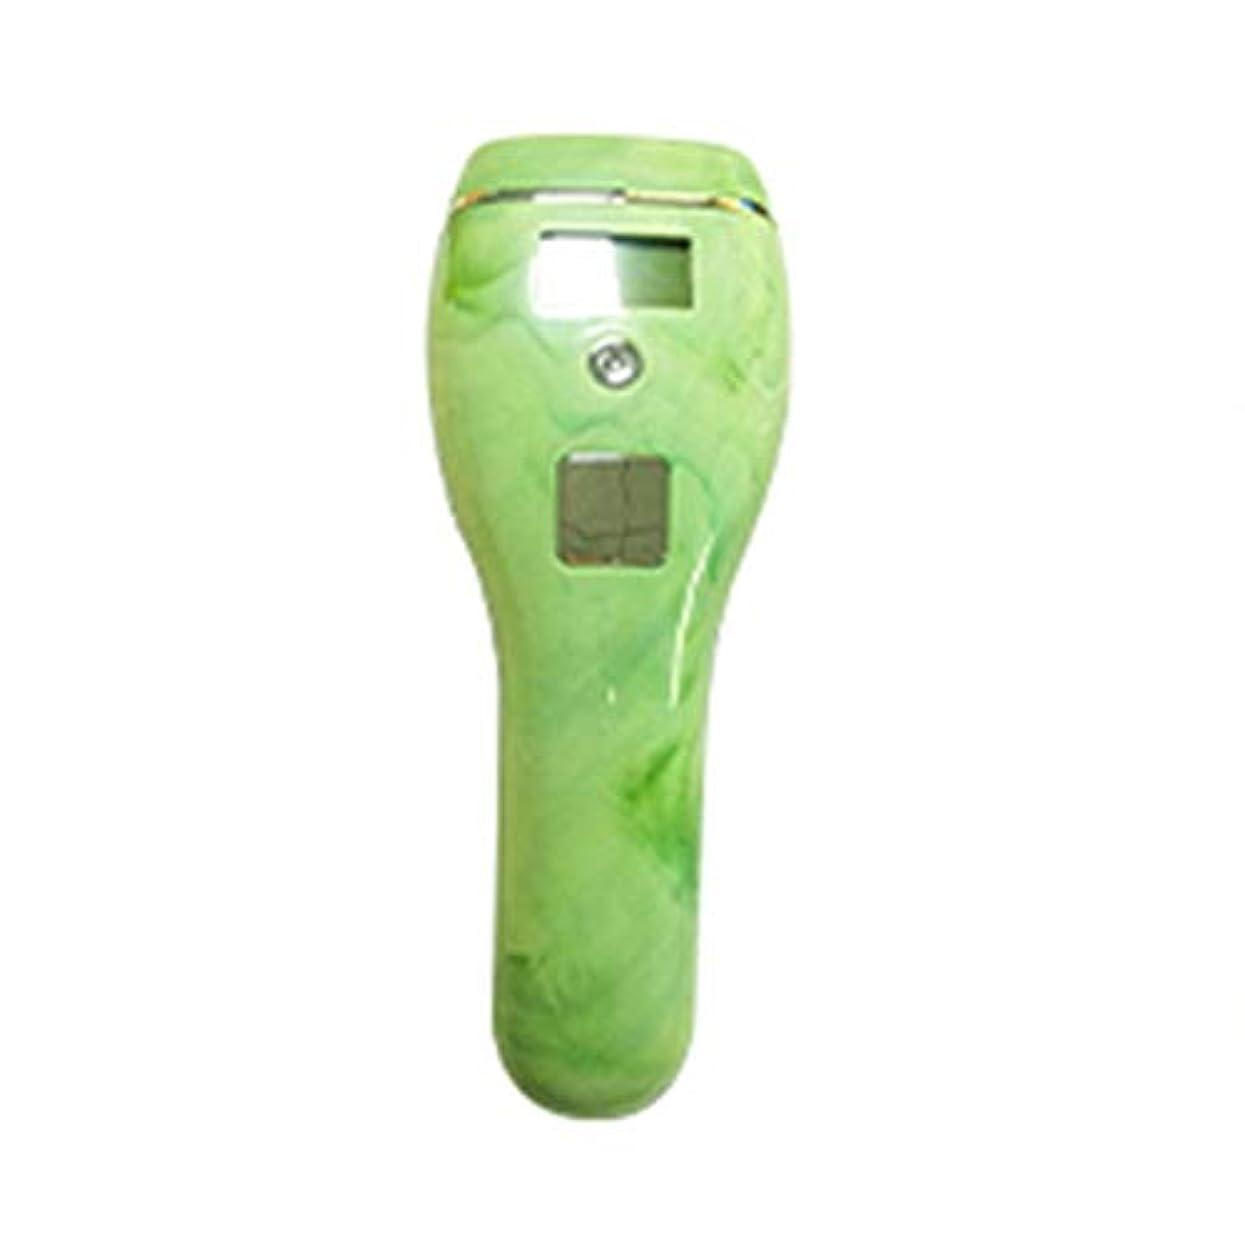 行言うまでもなくイブ自動肌のカラーセンシング、グリーン、5速調整、クォーツチューブ、携帯用痛みのない全身凍結乾燥用除湿器、サイズ19x7x5cm 髪以外はきれい (Color : Green)